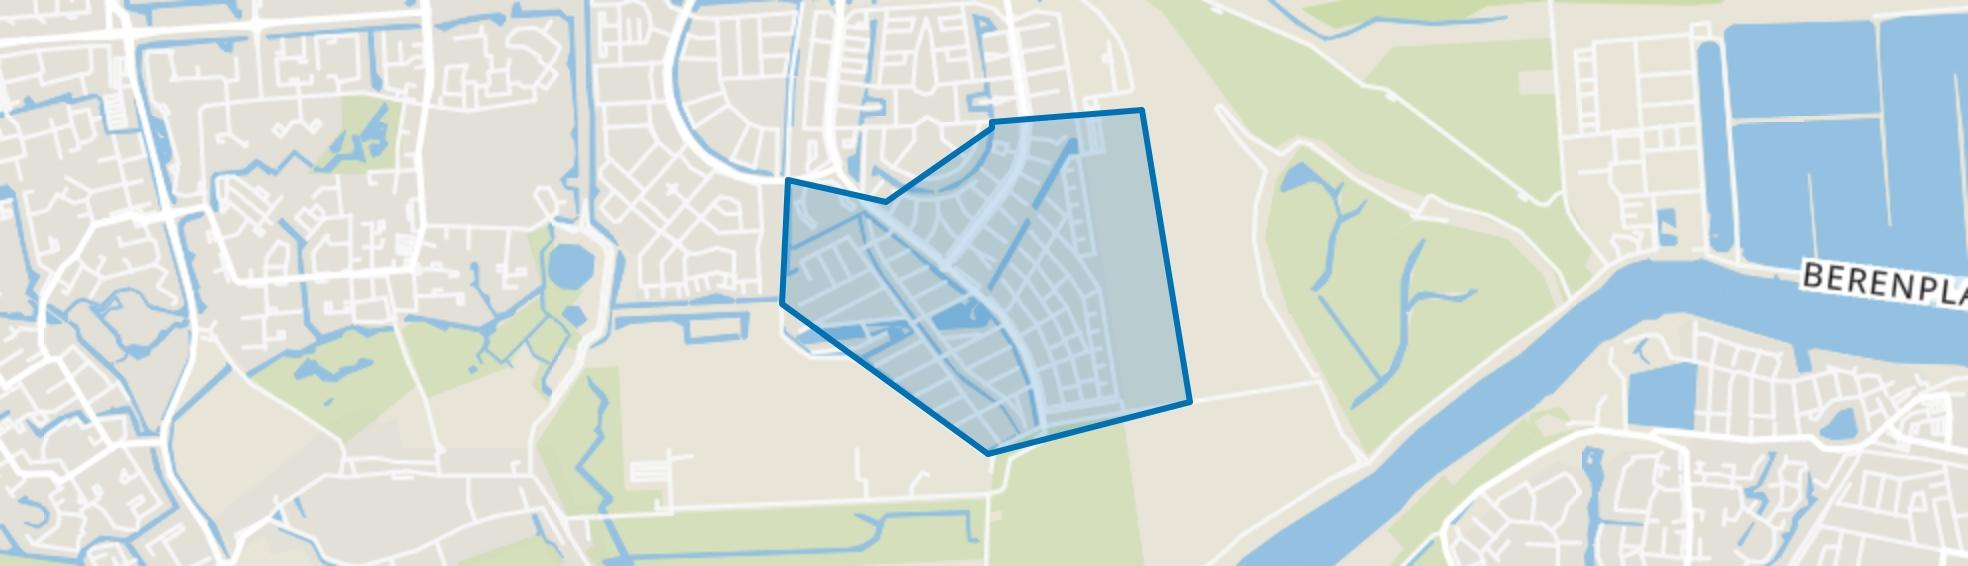 Maaswijk-Zuidoost, Spijkenisse map